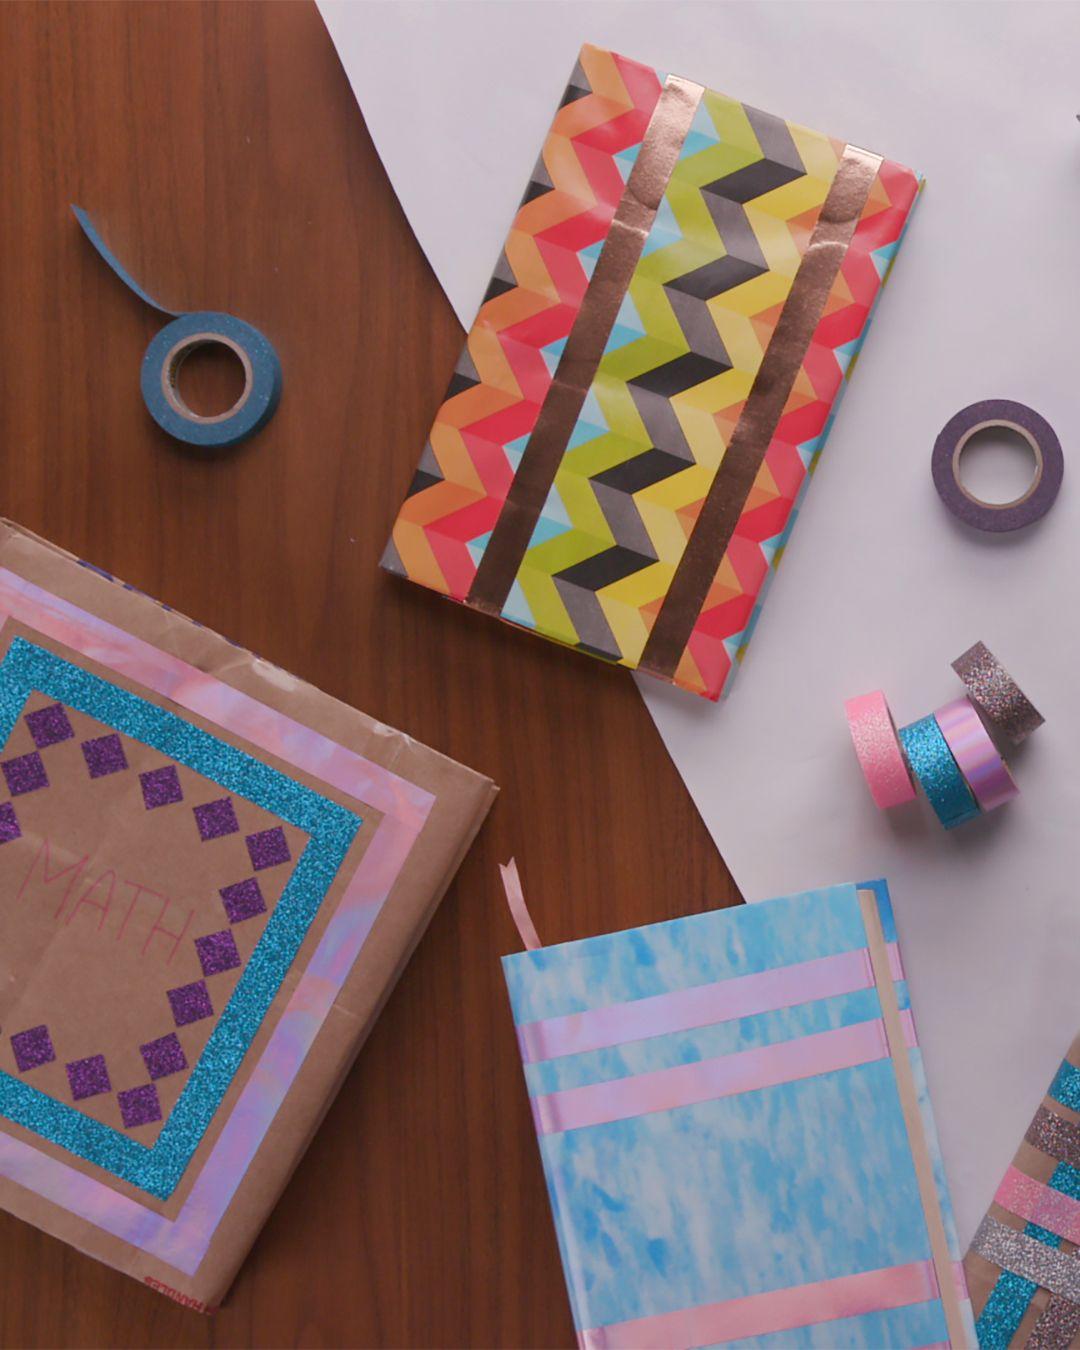 Diy book cover ideas diy crafts sewing buzzfeed diy